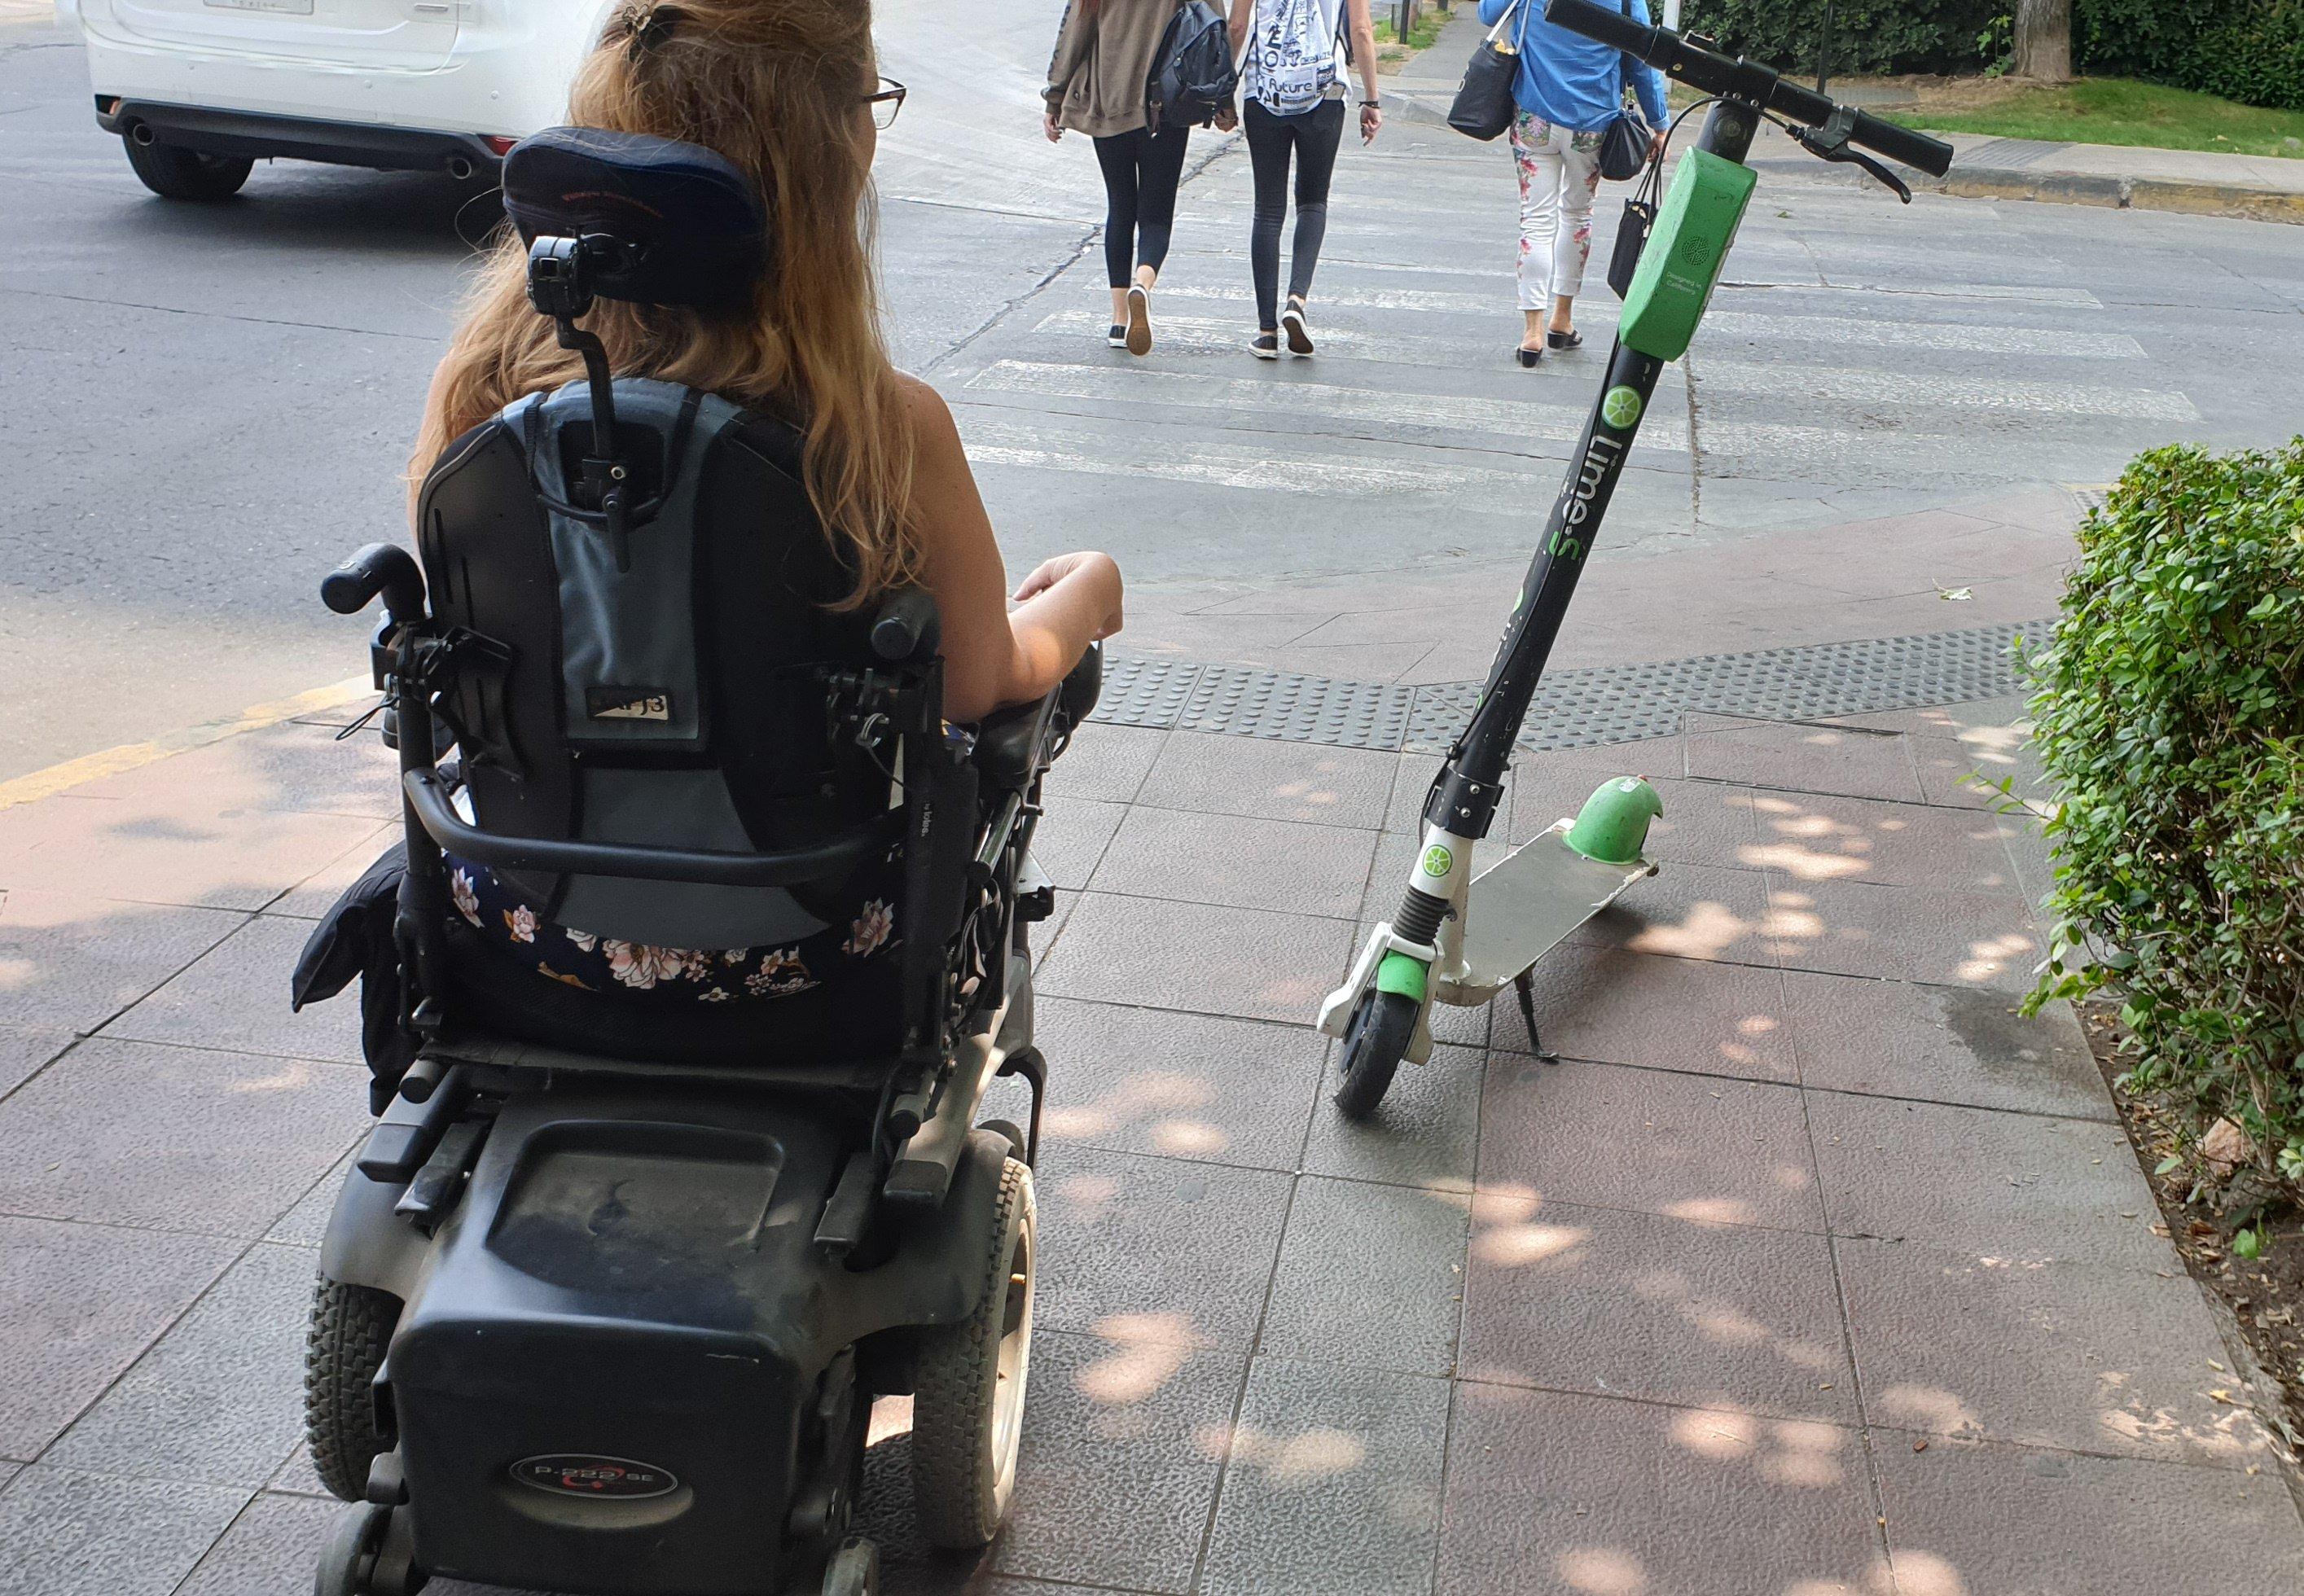 Micro-movilidad compartida y discapacidad